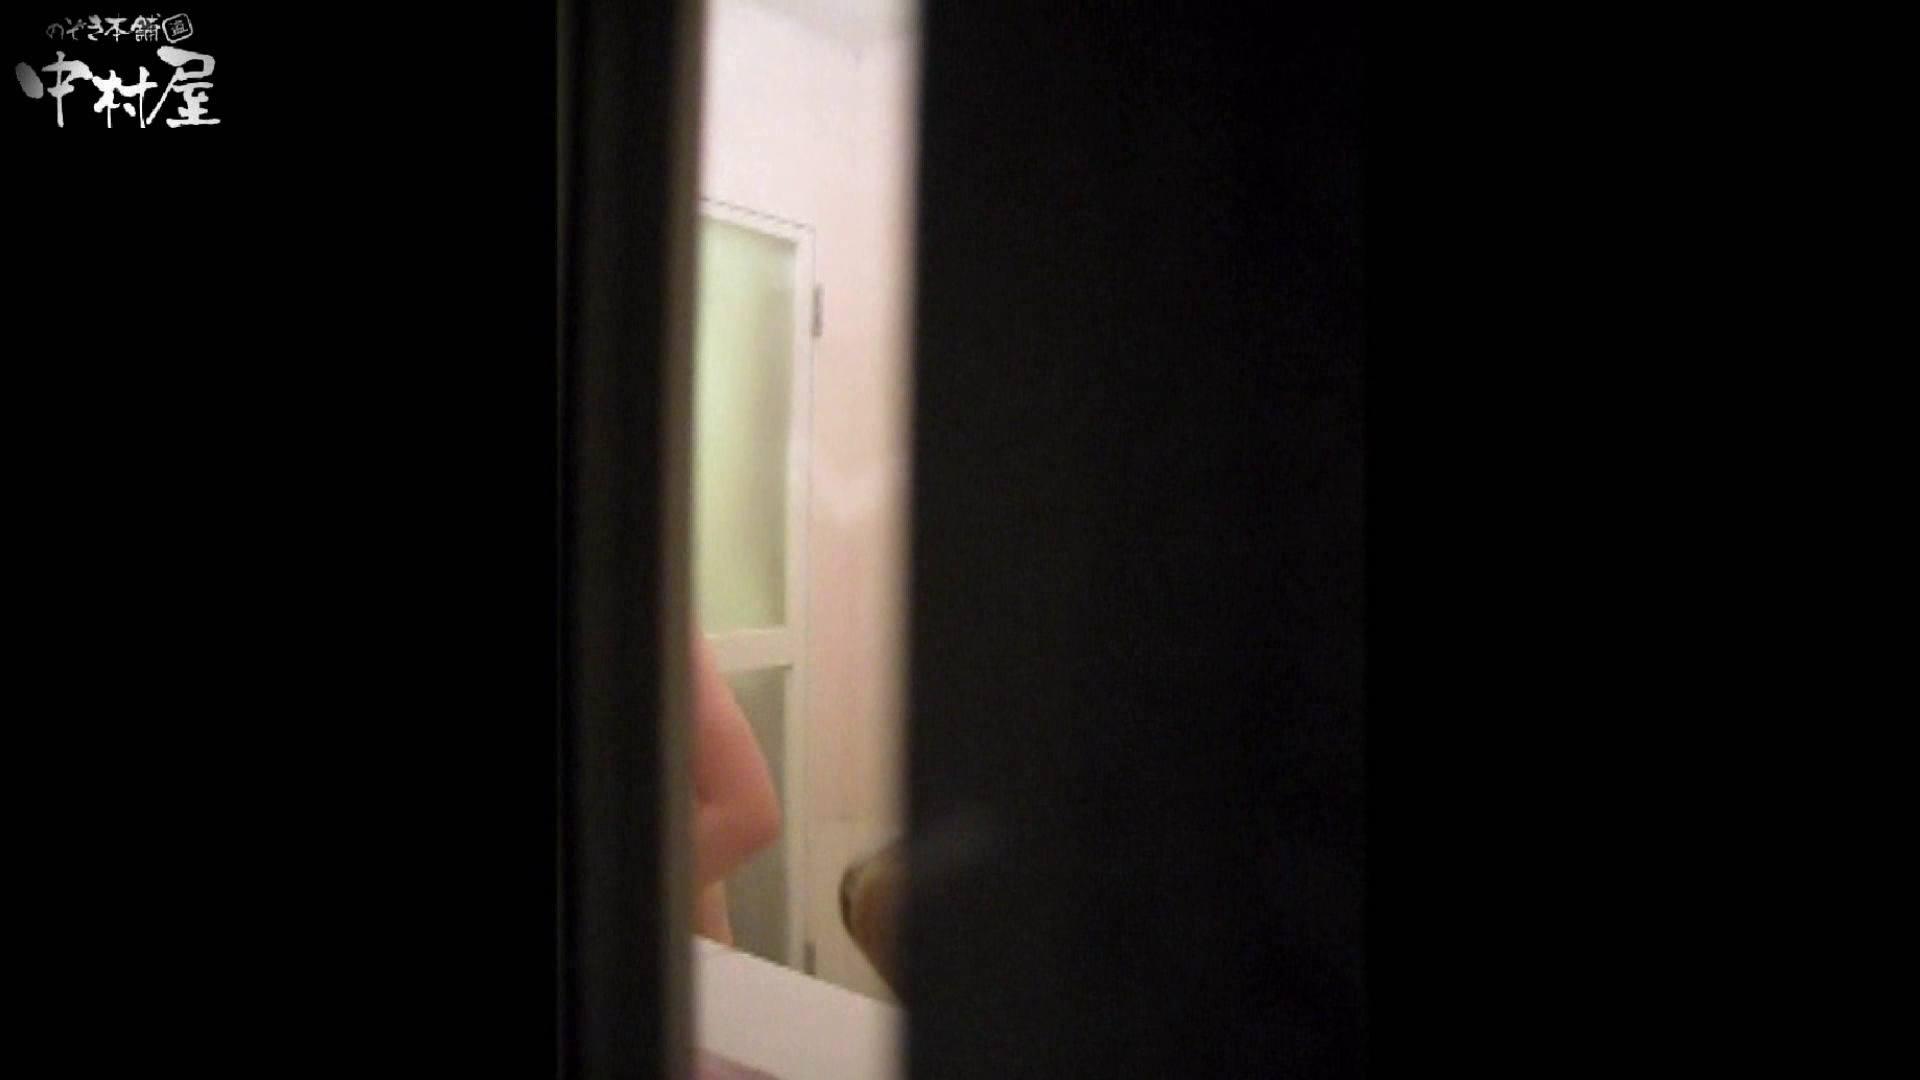 民家風呂専門盗撮師の超危険映像 vol.015 民家 すけべAV動画紹介 107連発 83